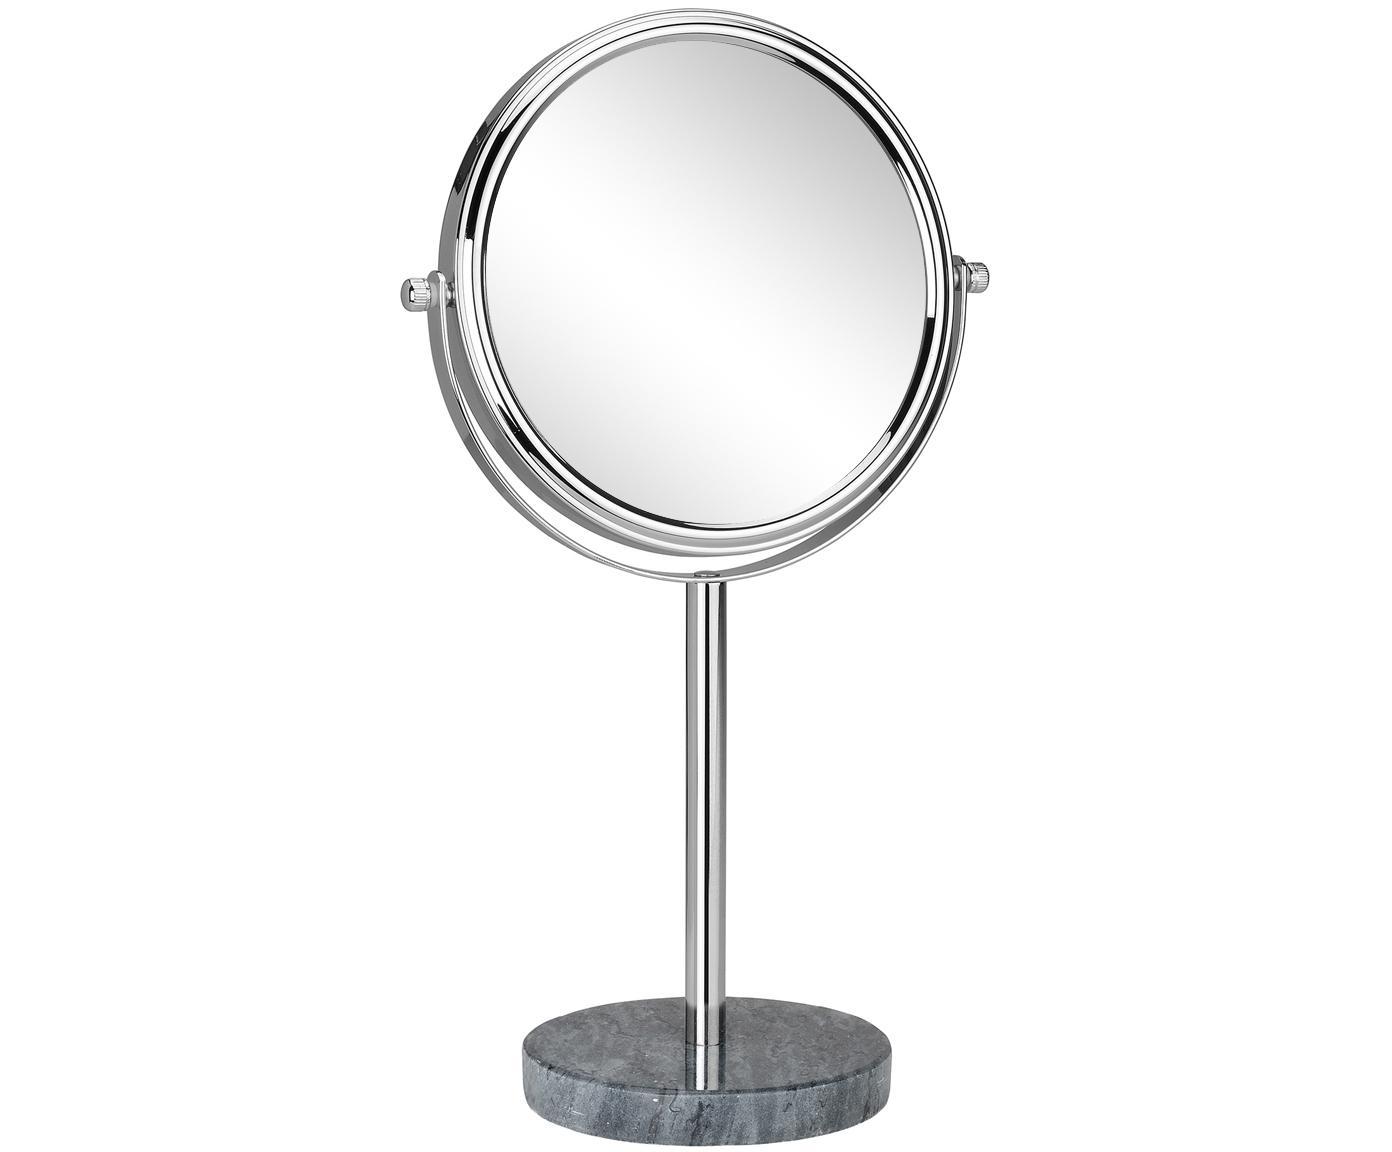 Kosmetikspiegel Copper mit Vergrößerung, Rahmen: Metall, verchromt, Spiegelfläche: Spiegelglas, Grau, Silberfarben, Ø 20 x H 34 cm